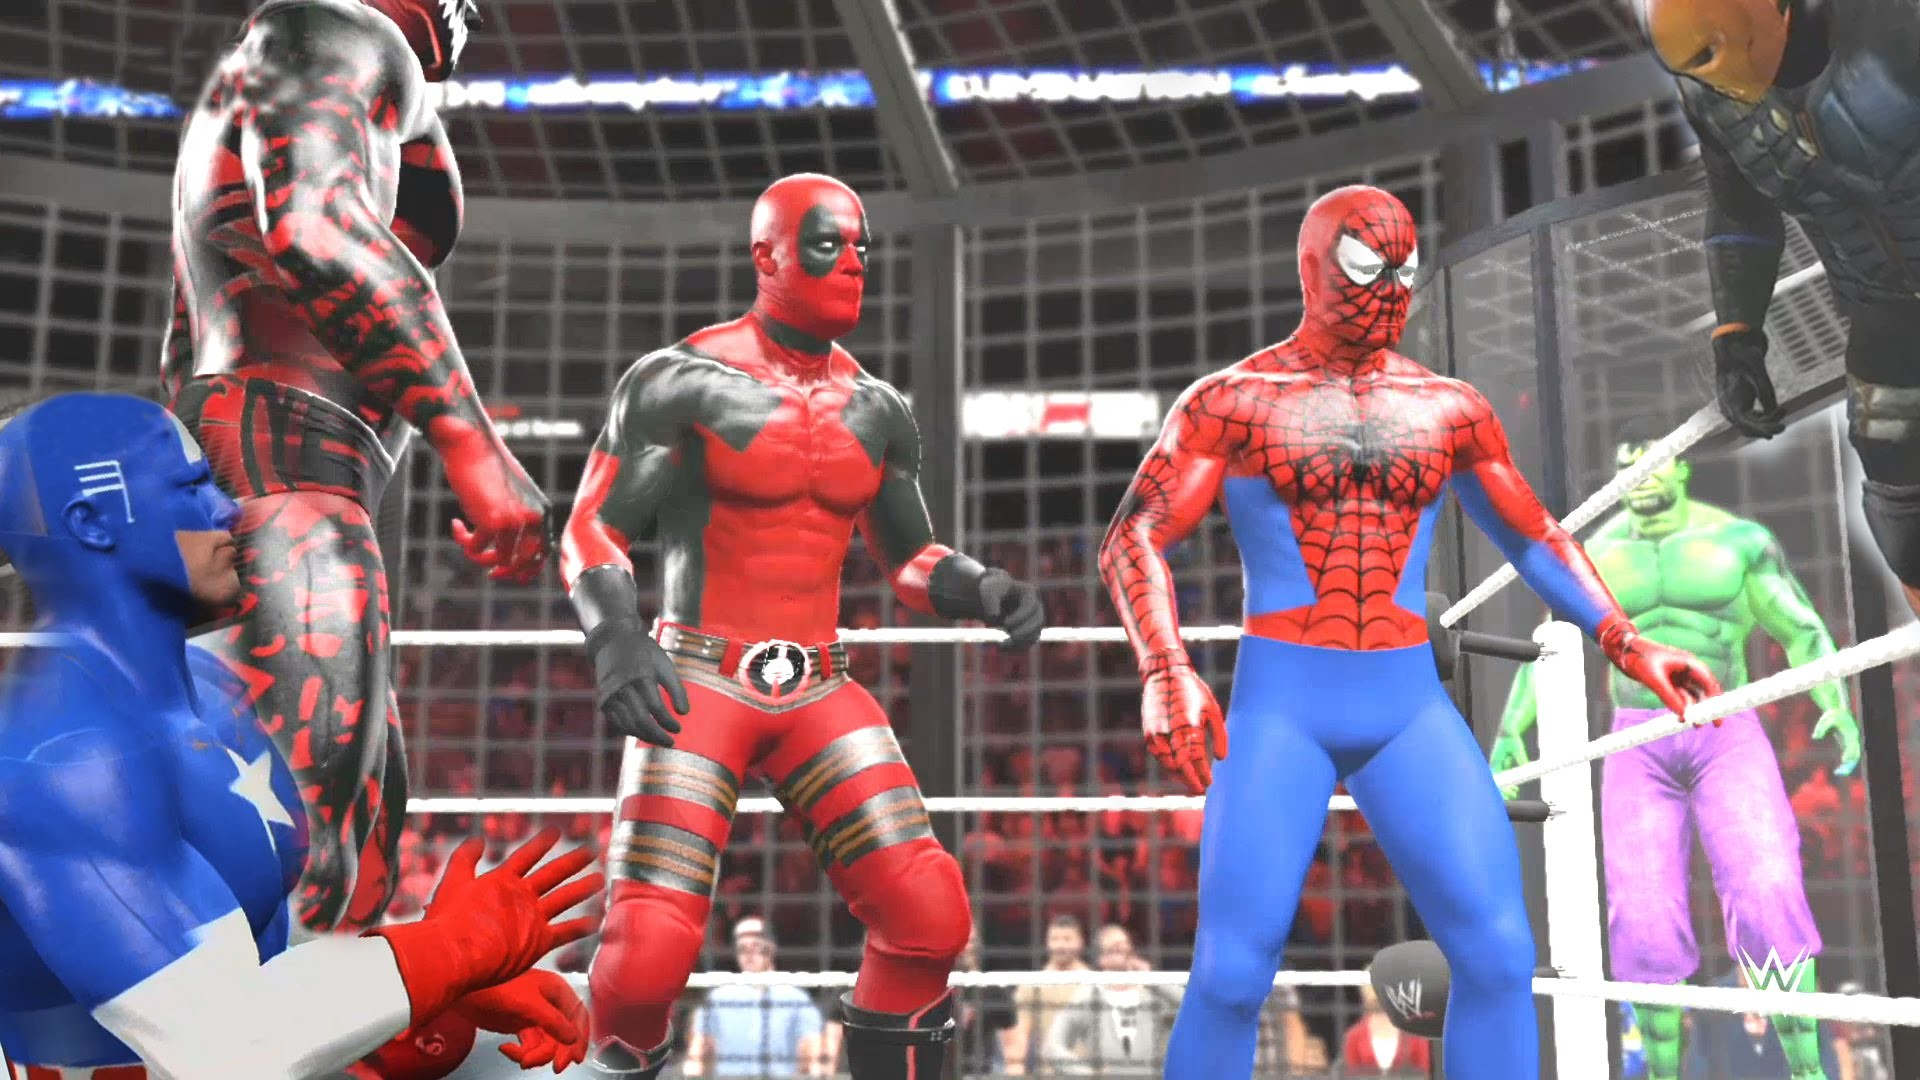 WWE 2K15 – Spiderman vs Carnage vs Deathstroke vs Deadpool vs Captain  America vs Incredible HULK – YouTube